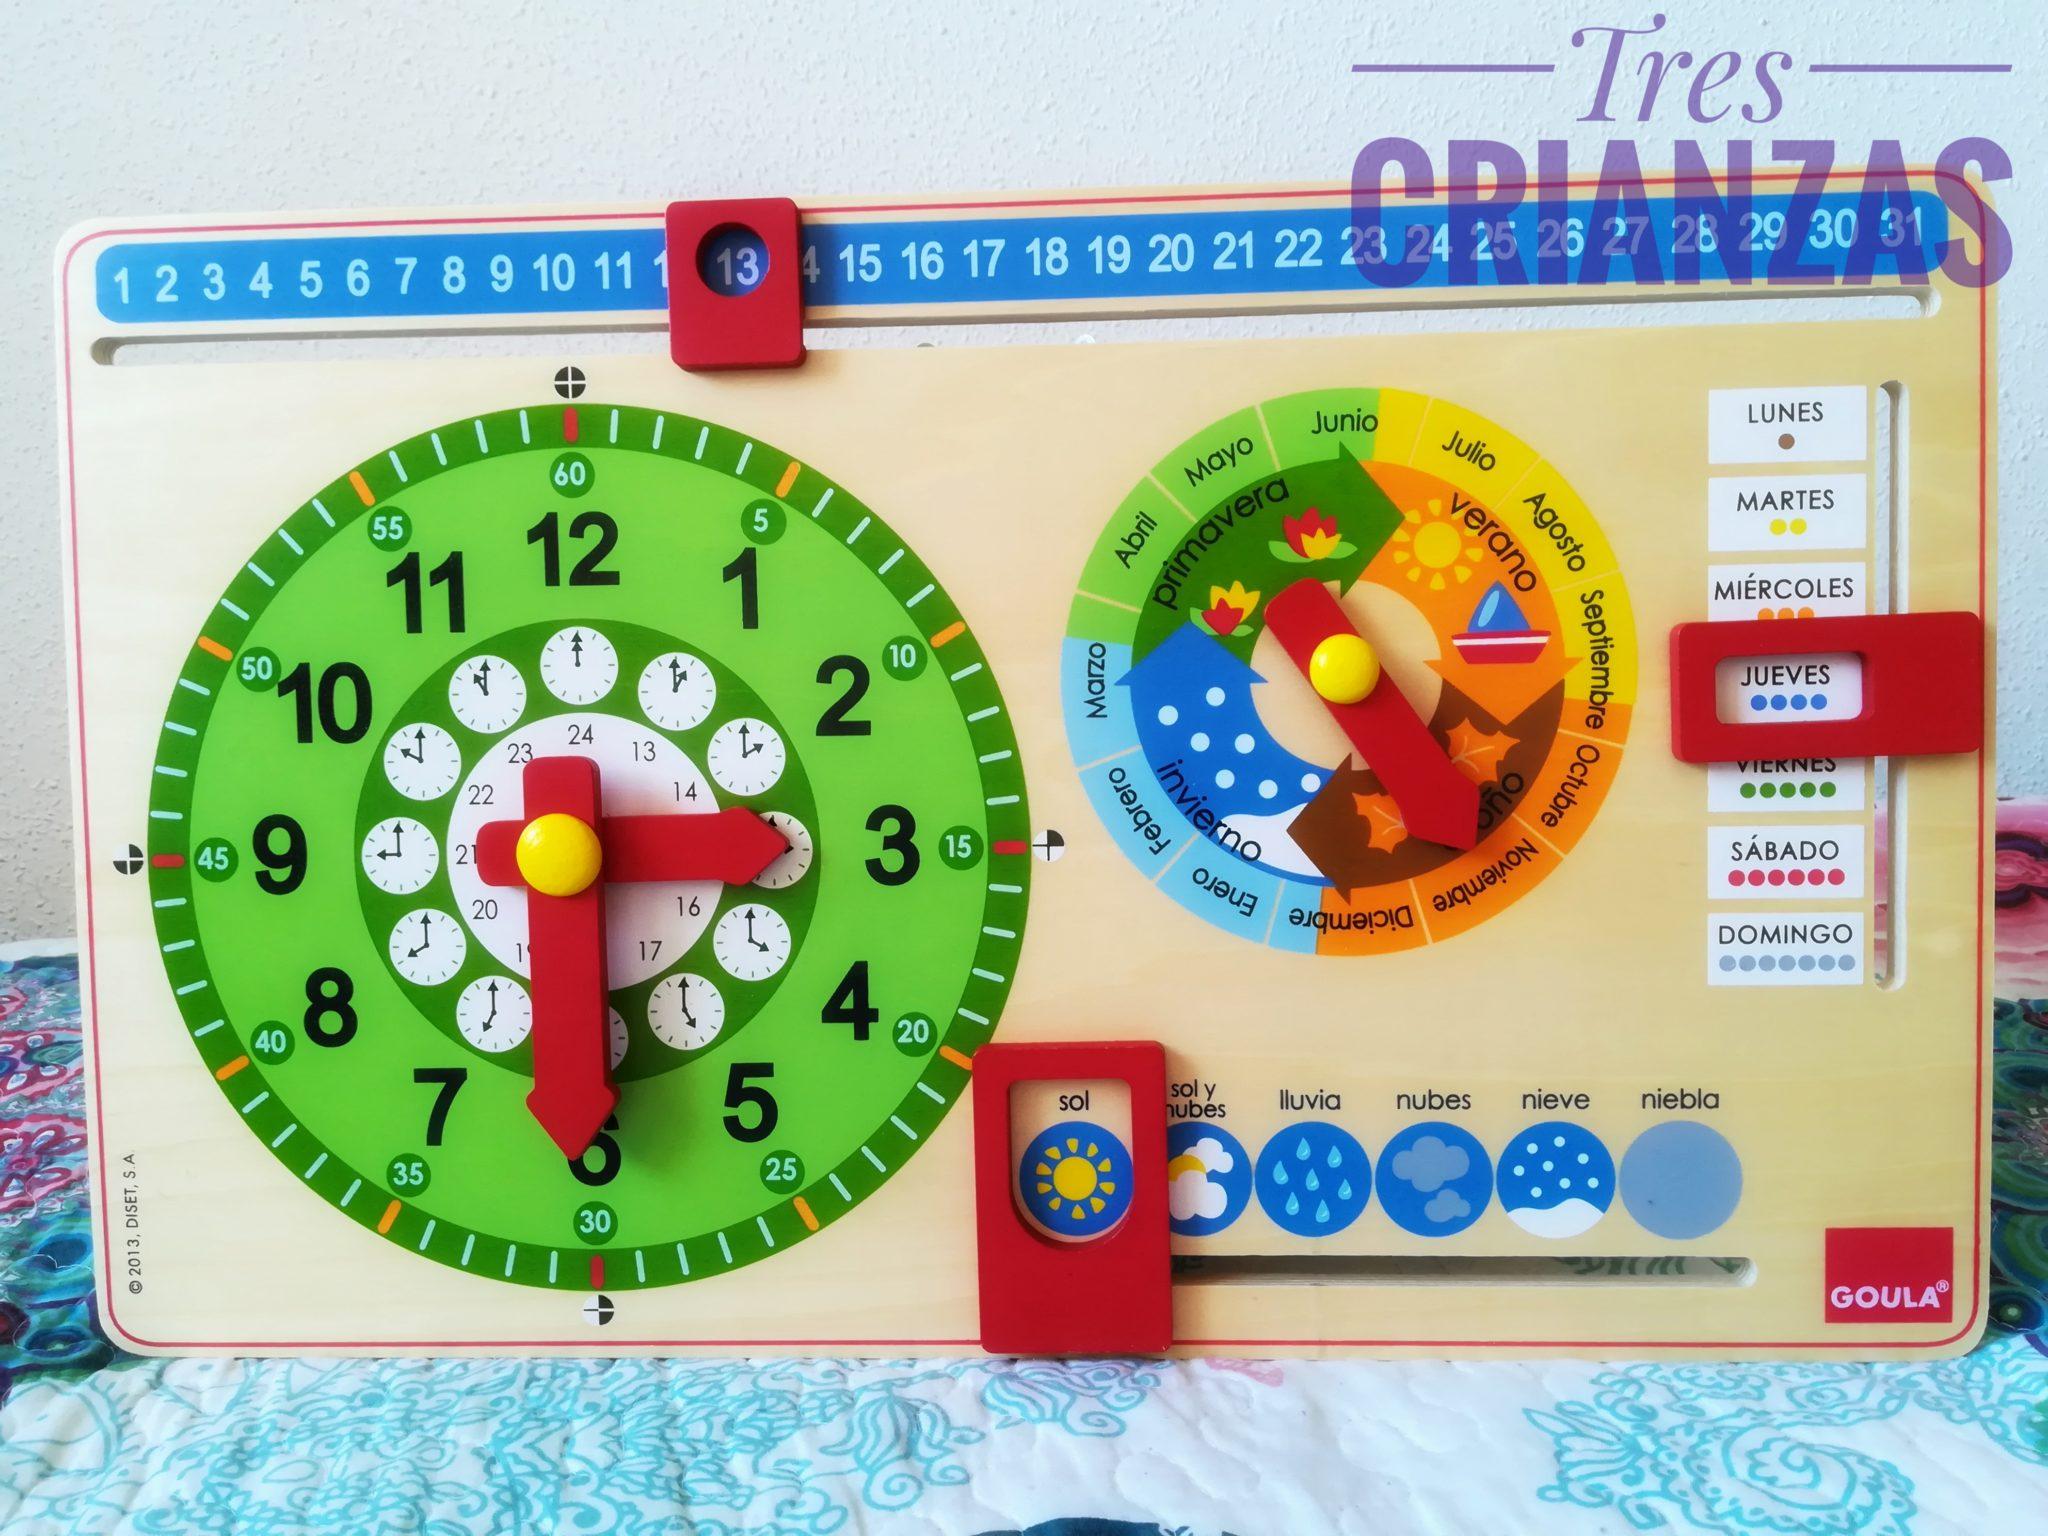 IMG 20171116 151819 01 - Juegos para niños a partir 3 años (CON SORTEO ^^)